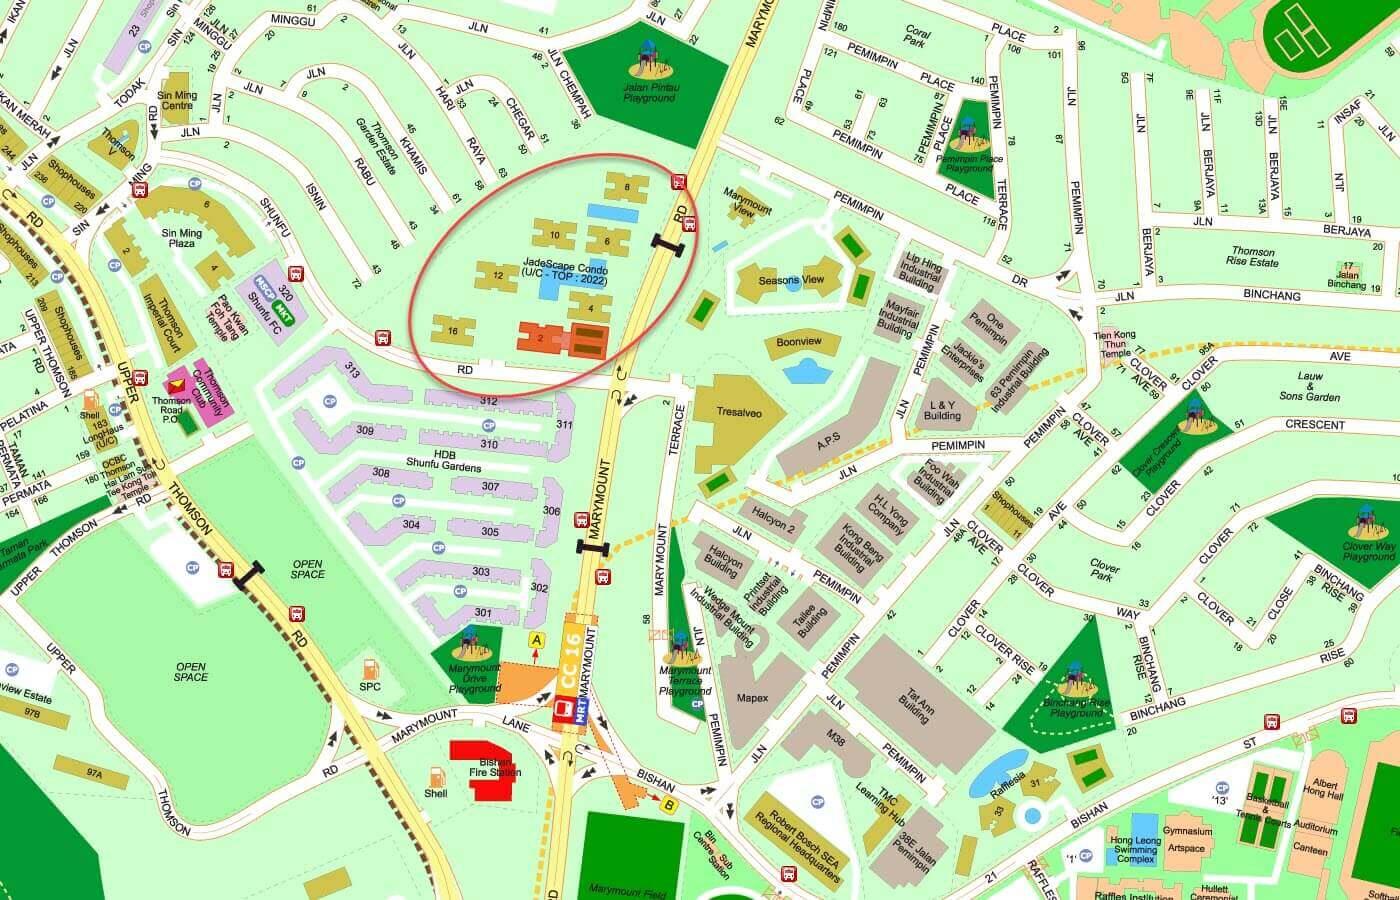 Jadescape Condo Street Directory Map